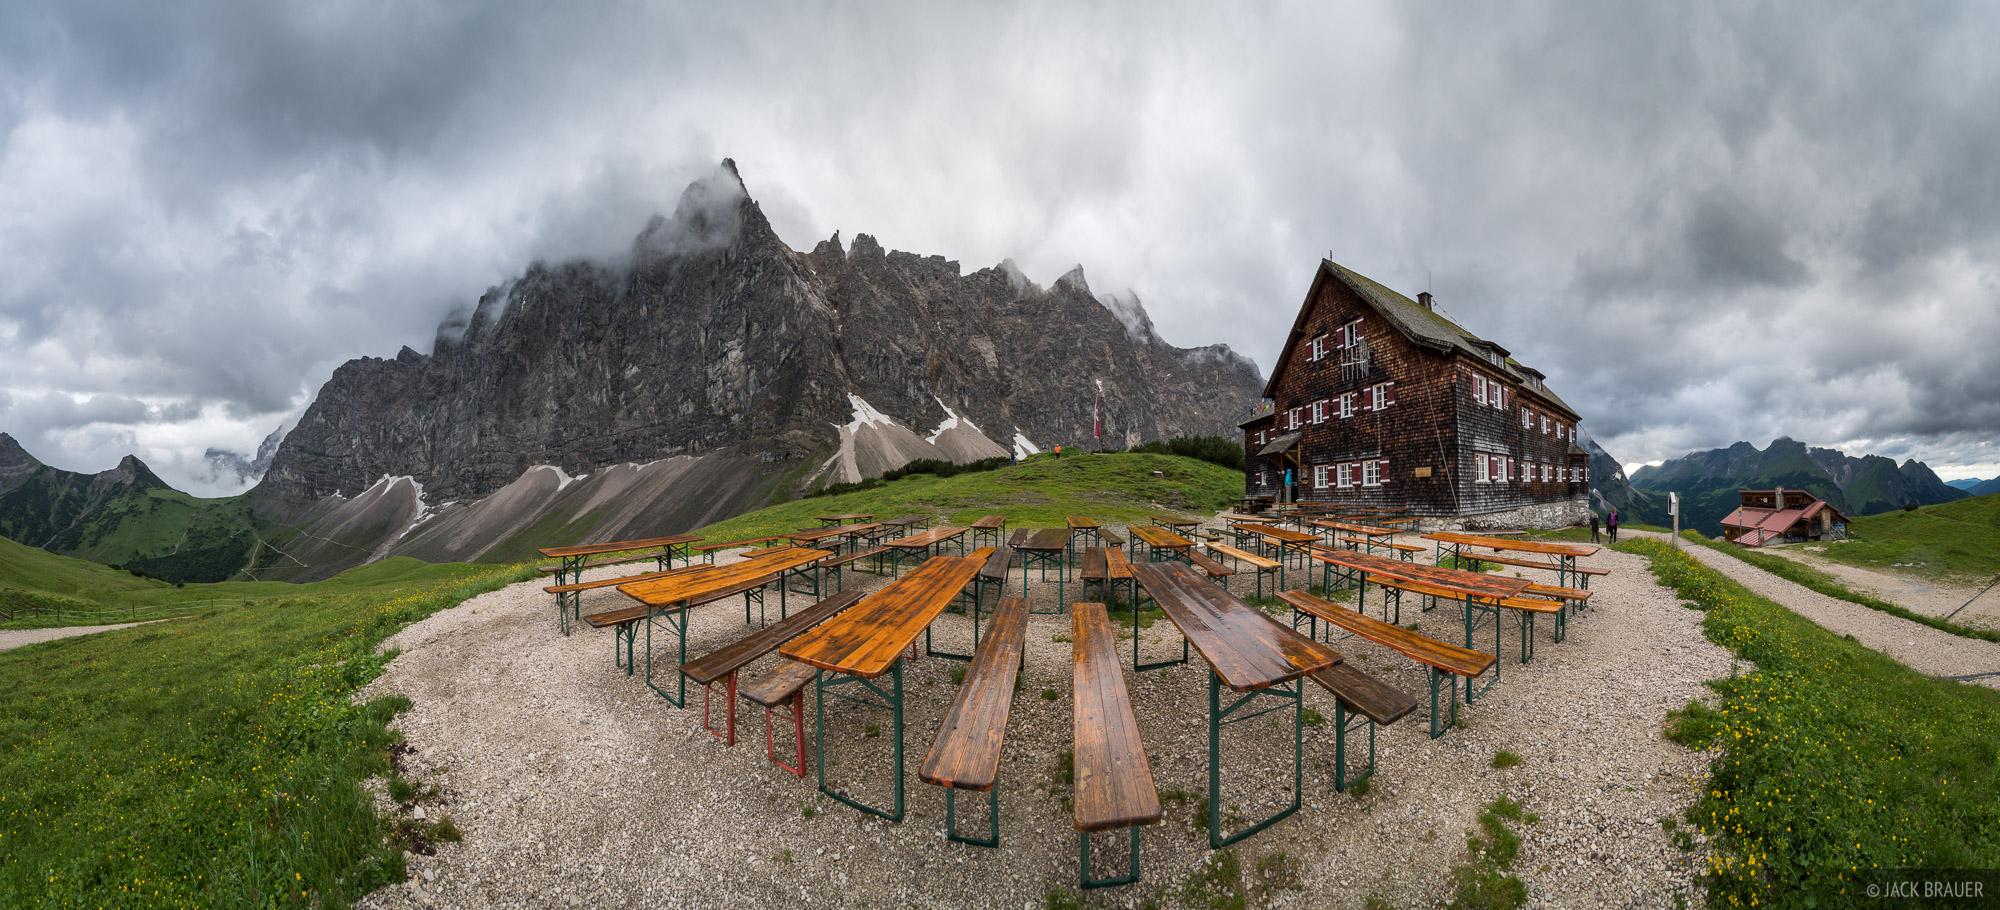 Austria, Falkenhütte, Karwendel, Alps, hut, photo